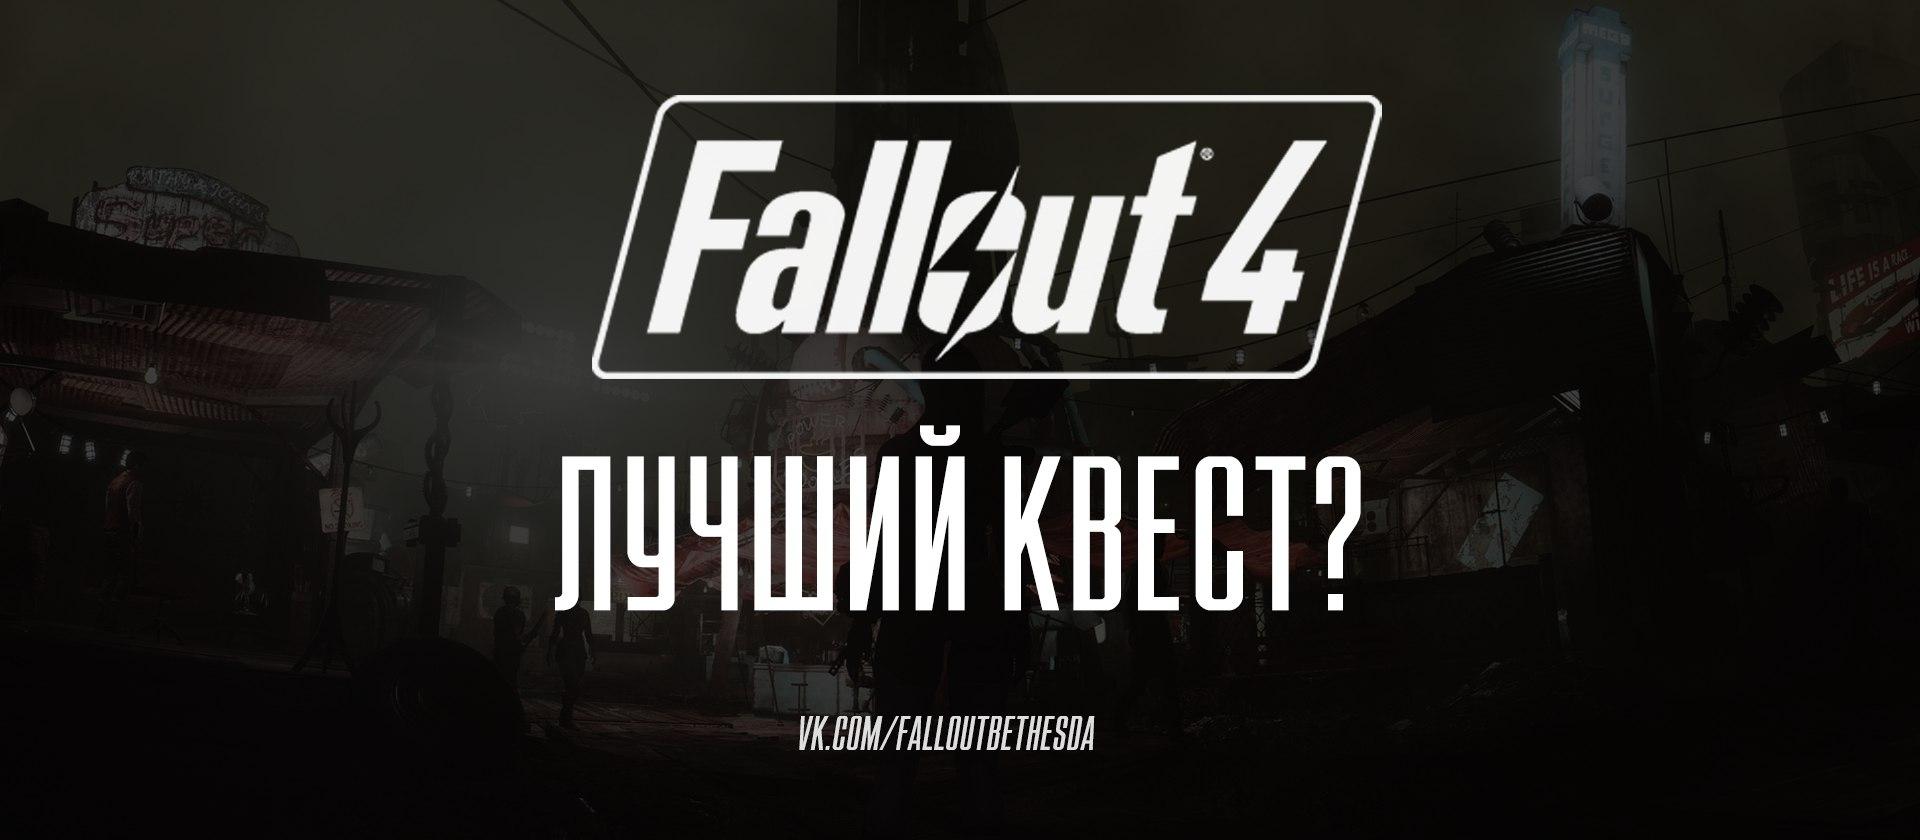 Какой из квестов в Fallout4  вам запомнился больше всего?